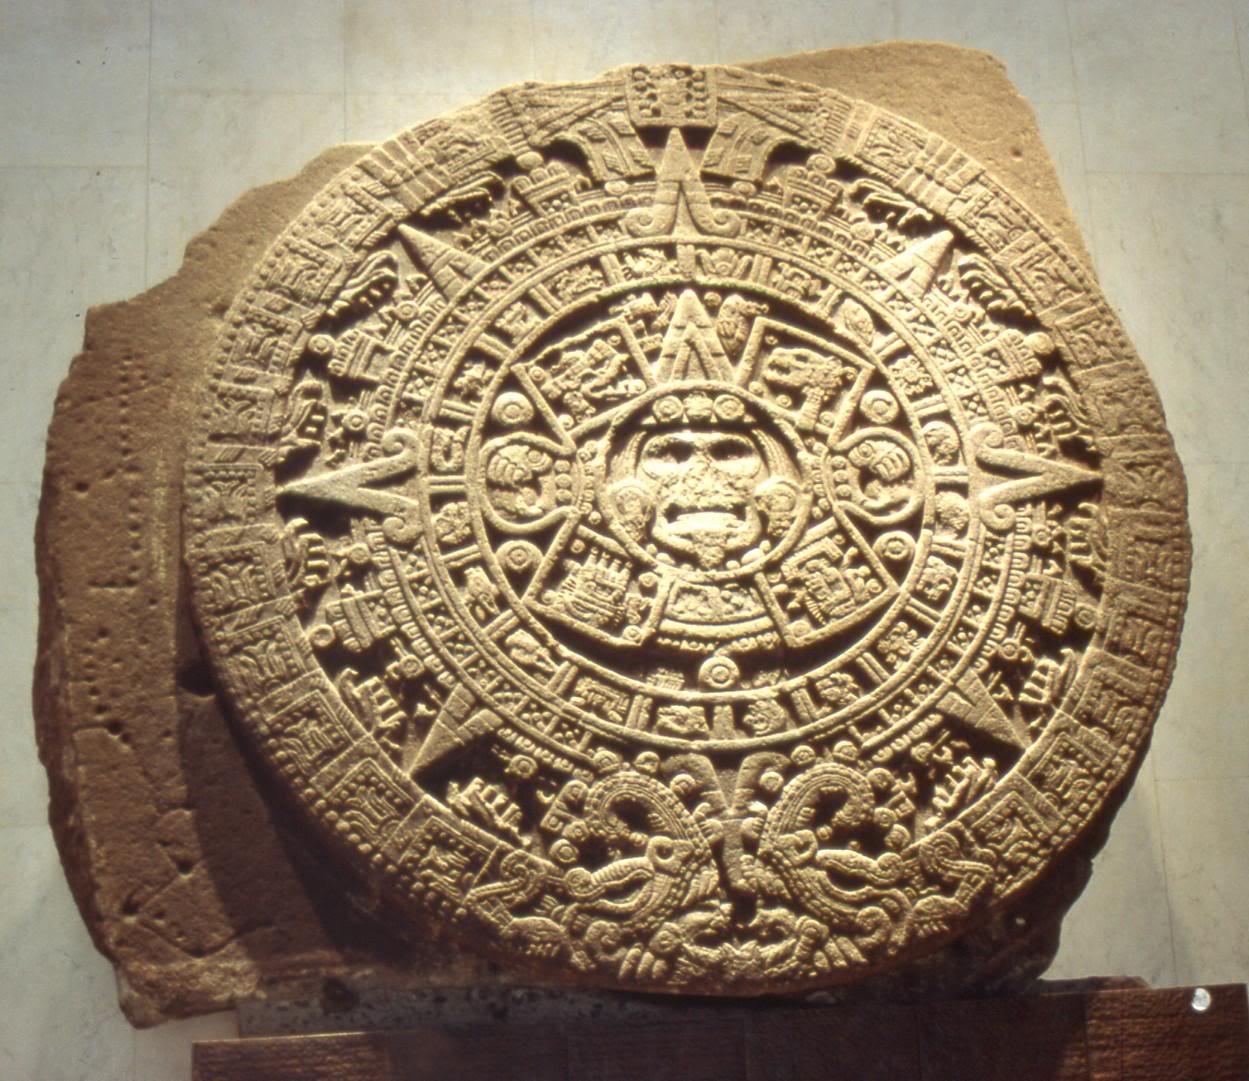 Fonte - http://1.bp.blogspot.com/-XsvfJ1fgEQo/TdcSgOJqxkI/AAAAAAAAAUE/DMi9ArFoSLA/s1600/calendario-maia1.jpg